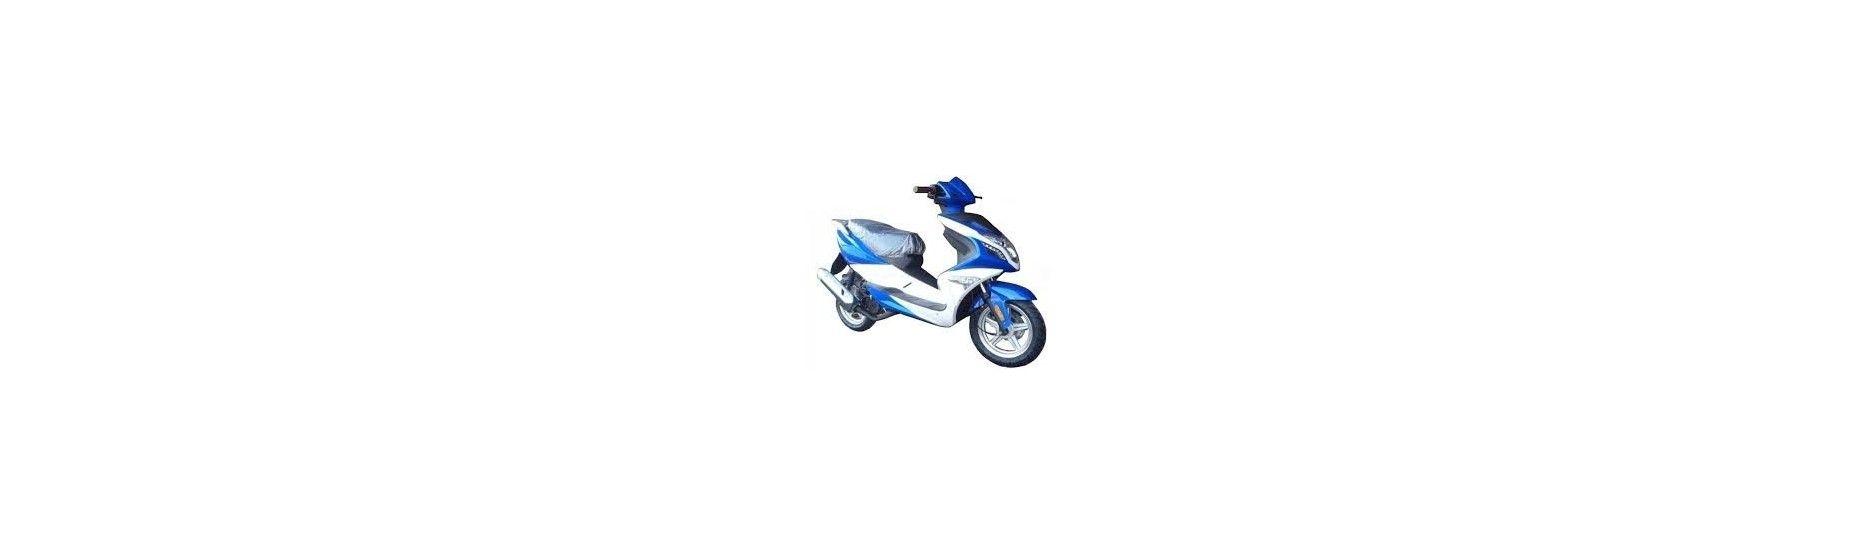 Skútry do 125 ccm, výkonné a pohodlné